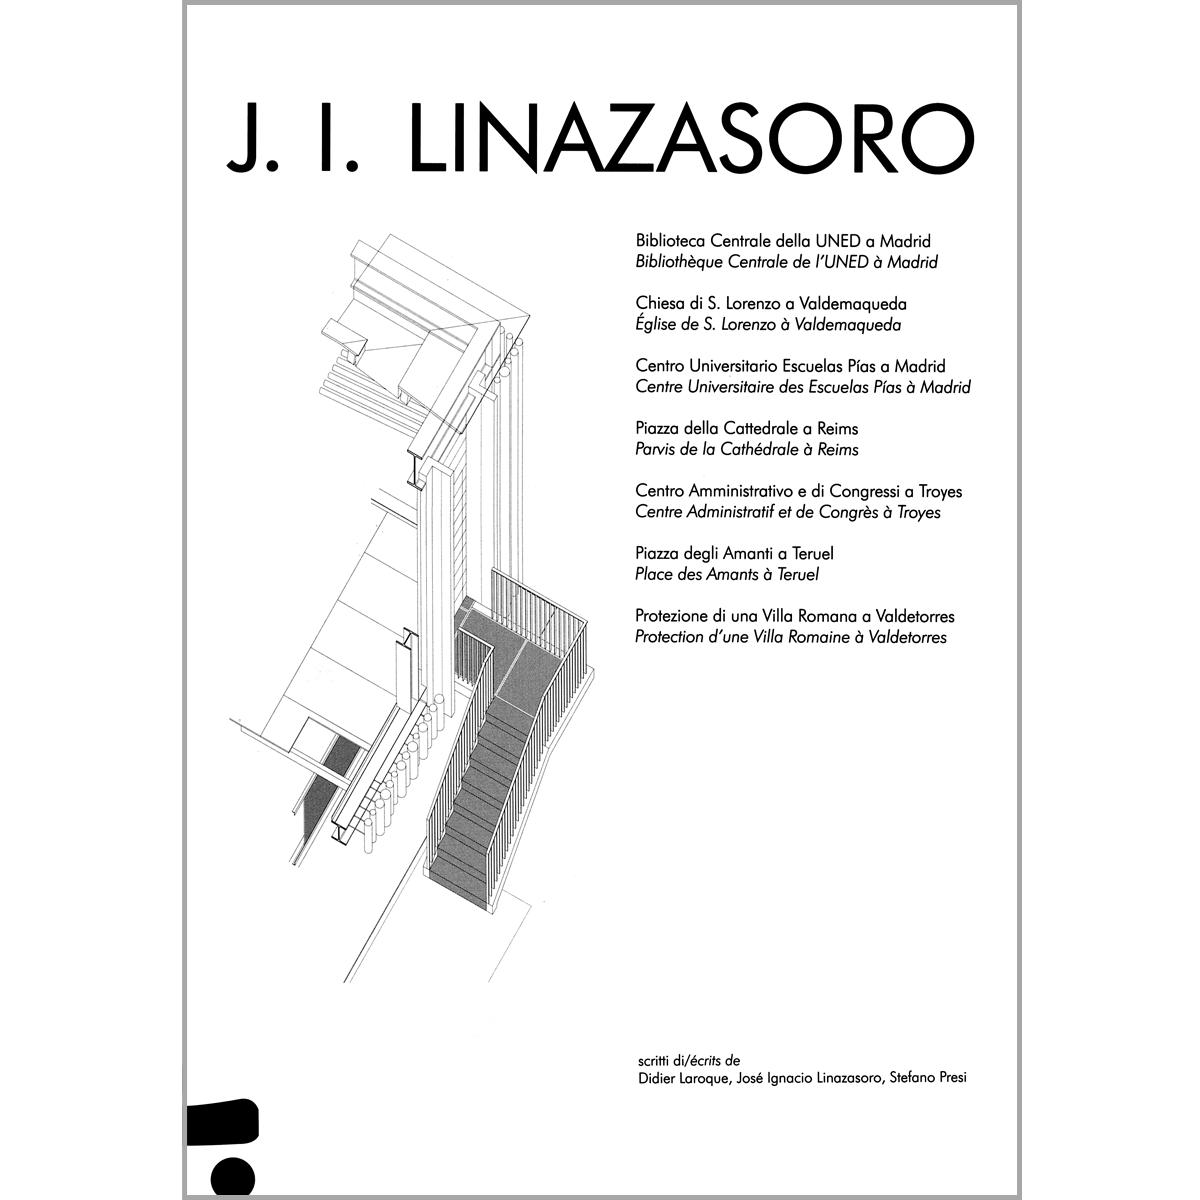 J. I. Linazasoro